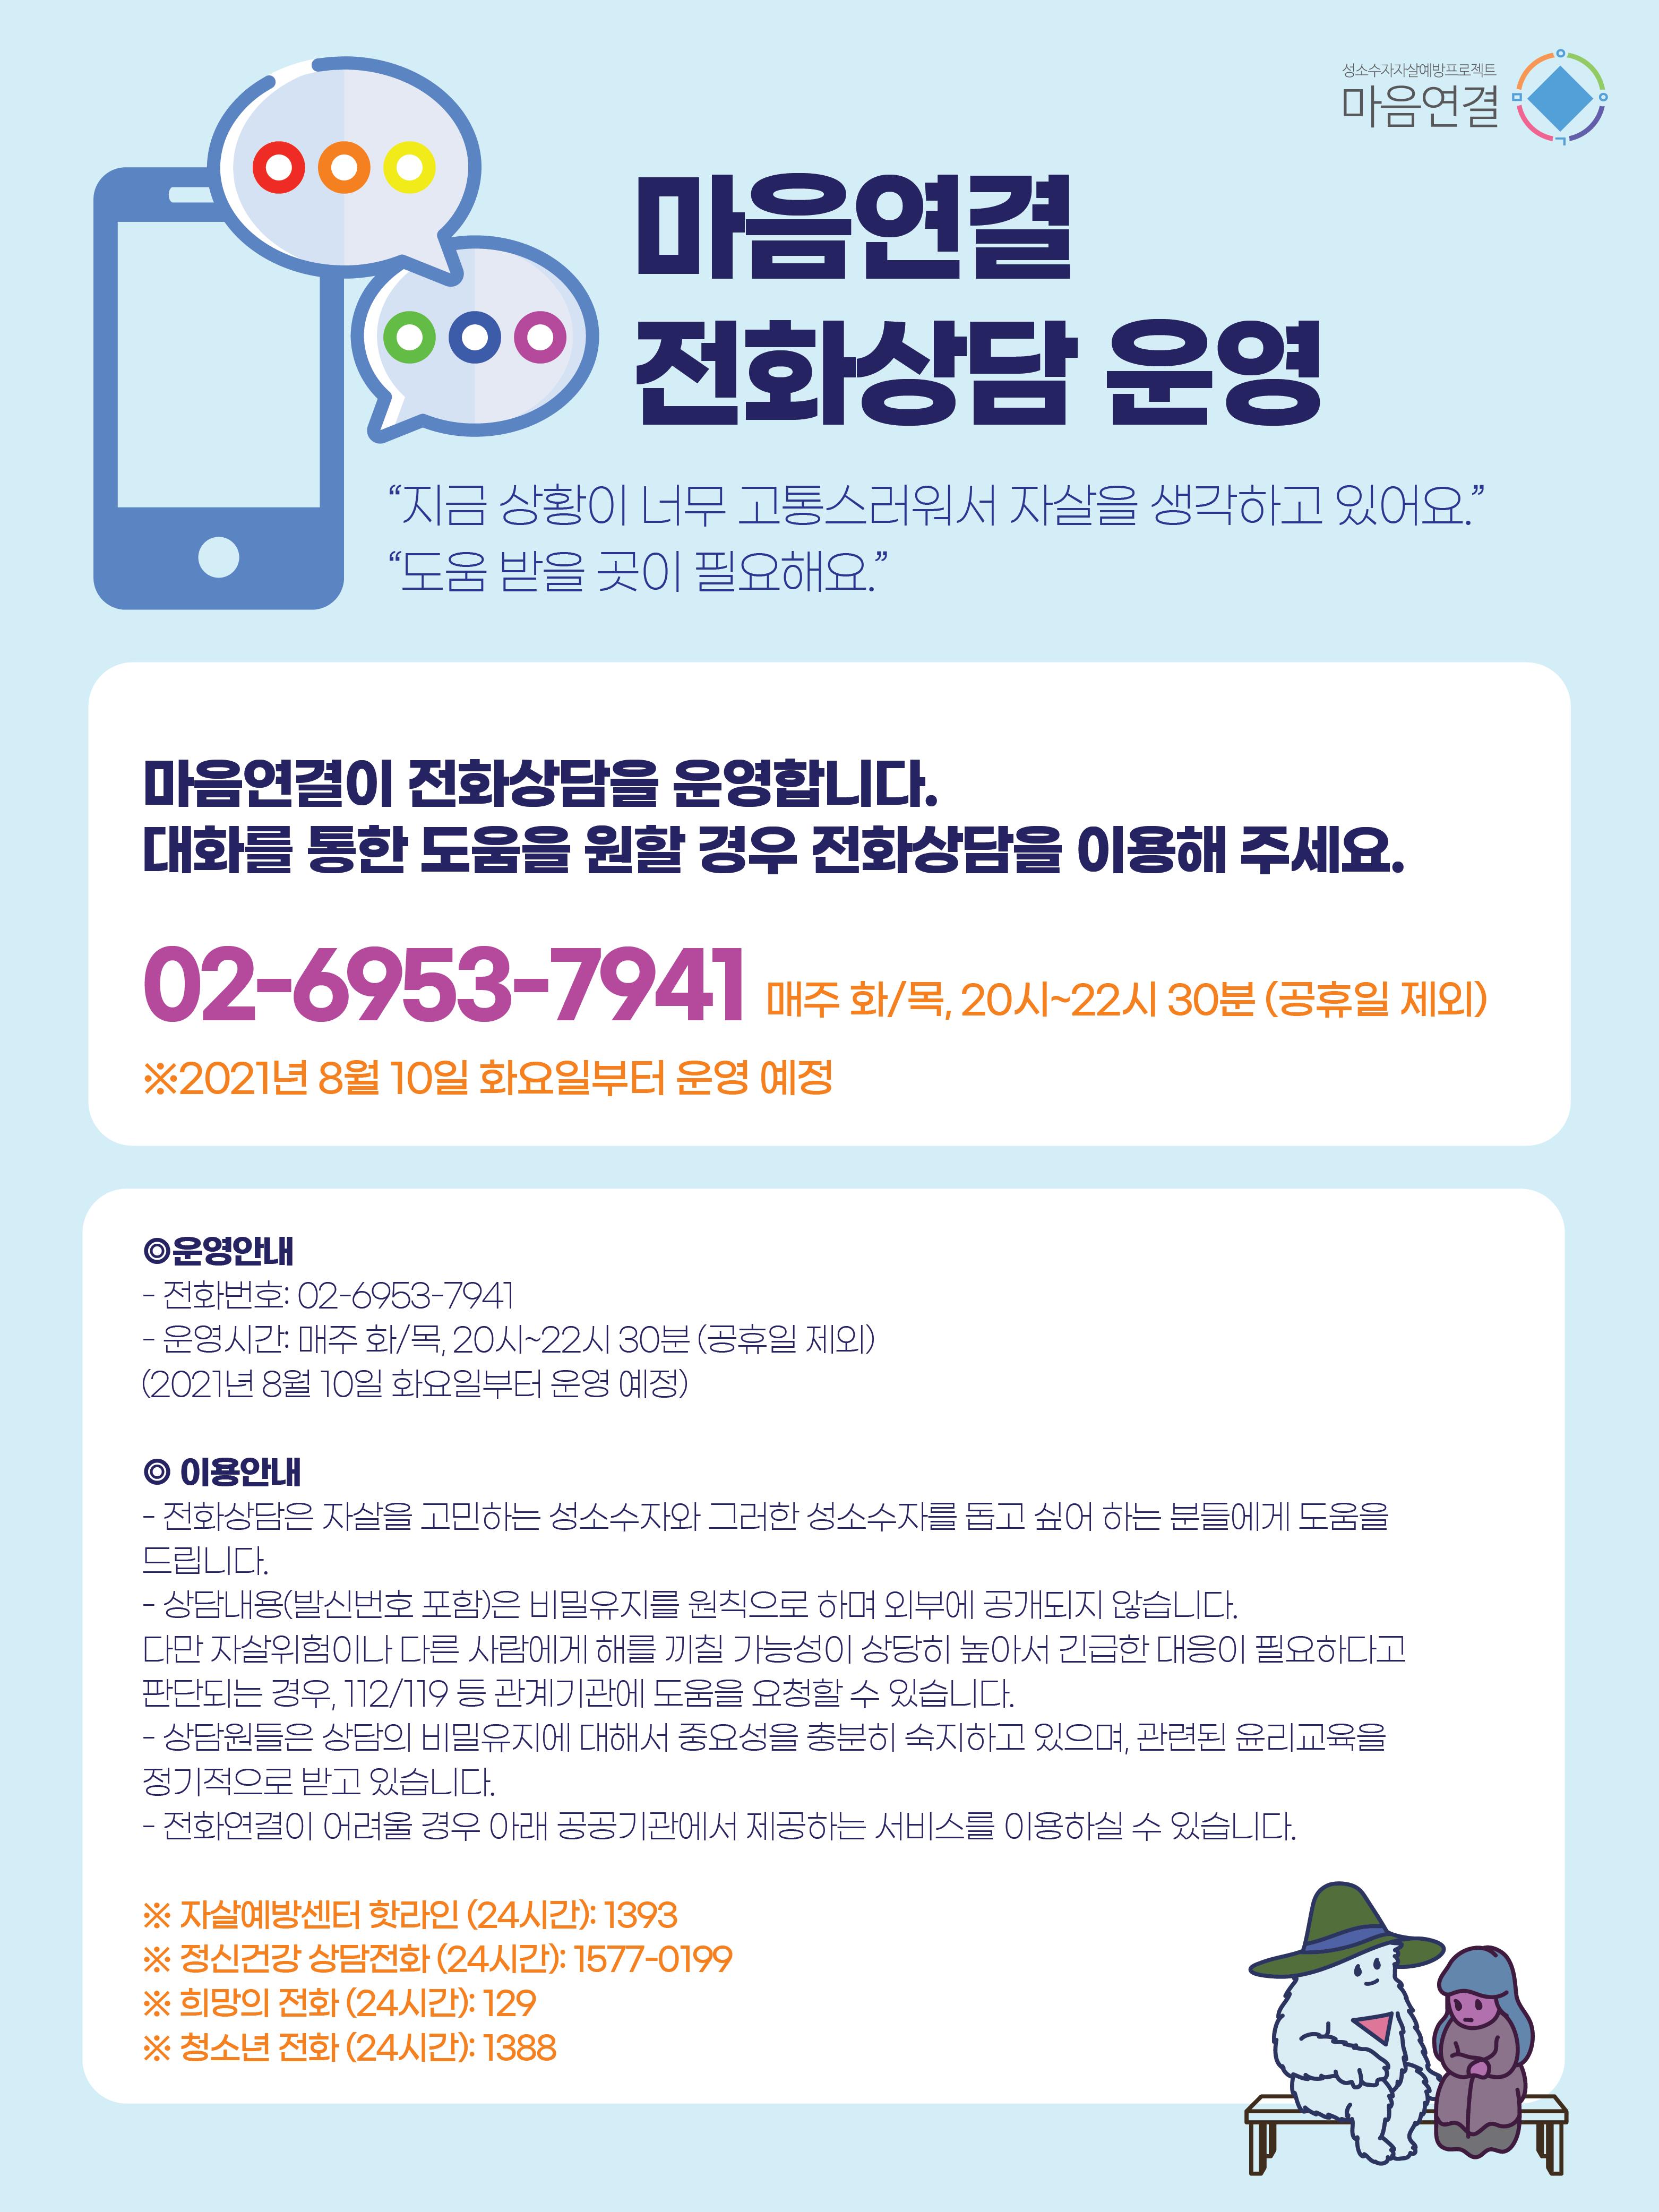 210714_전화상담_웹홍보물.png